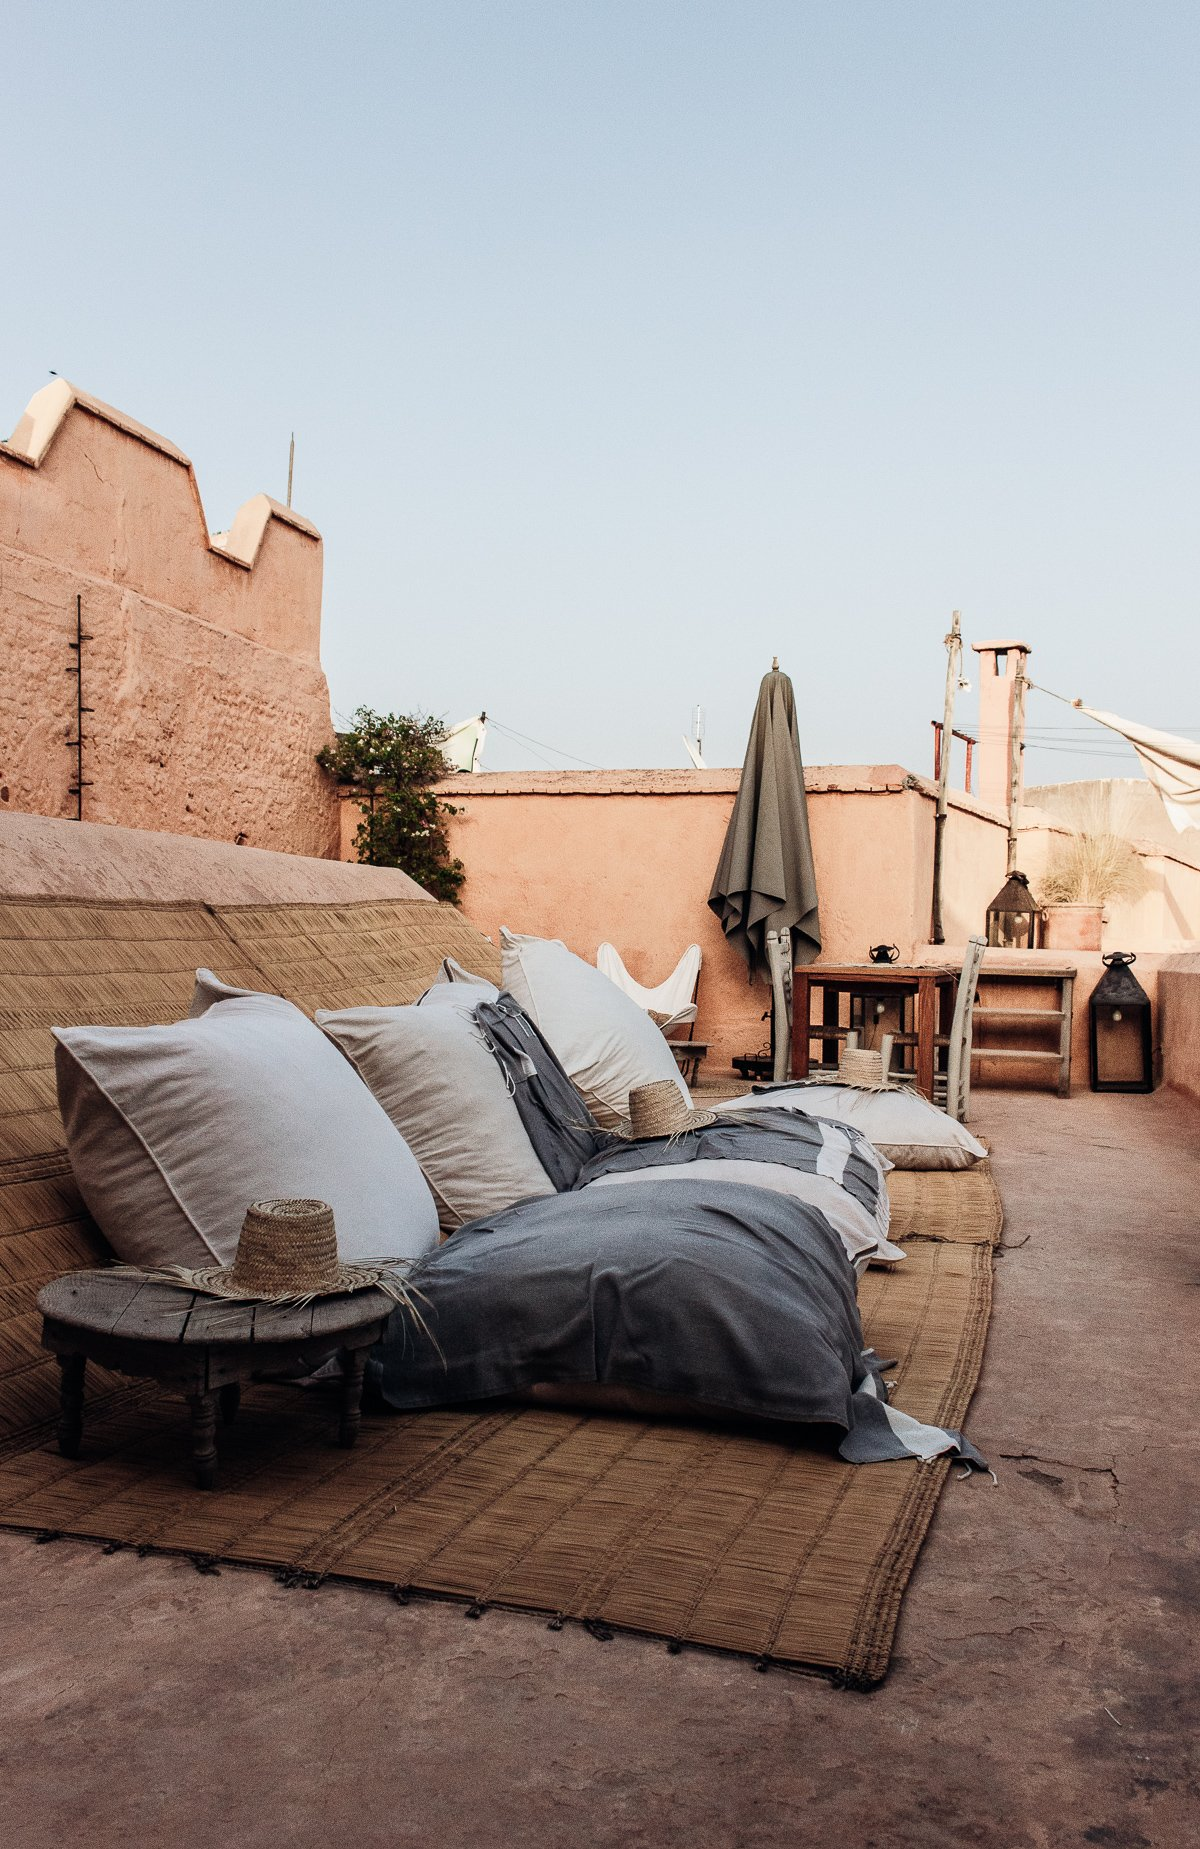 Riad berbere Marrakesch